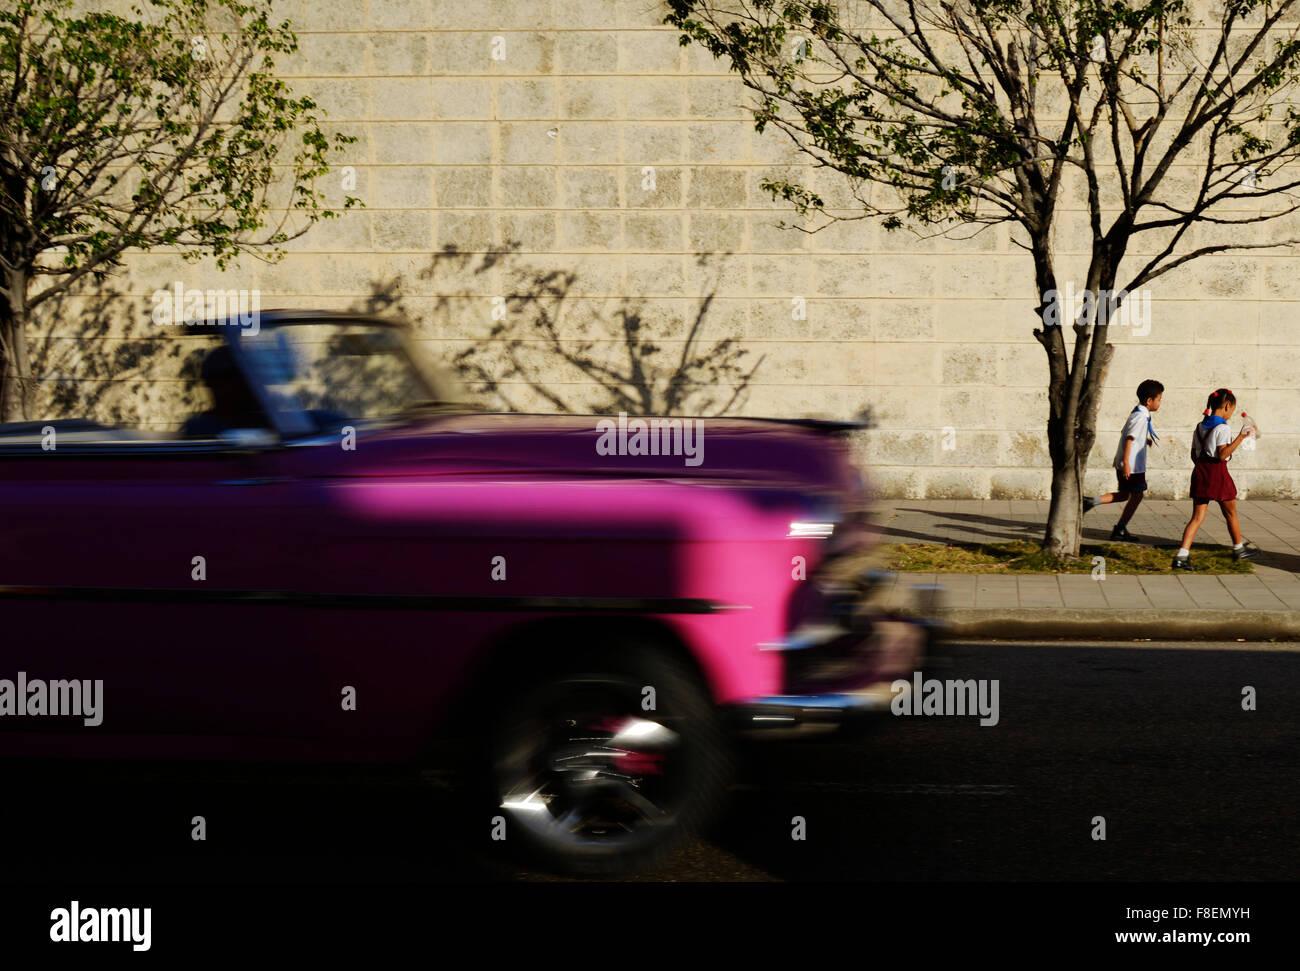 La Habana, Cuba. 24 Feb, 2015. Miles de veteranos estadounidenses van los coches por las calles de La Habana, Cuba, Imagen De Stock